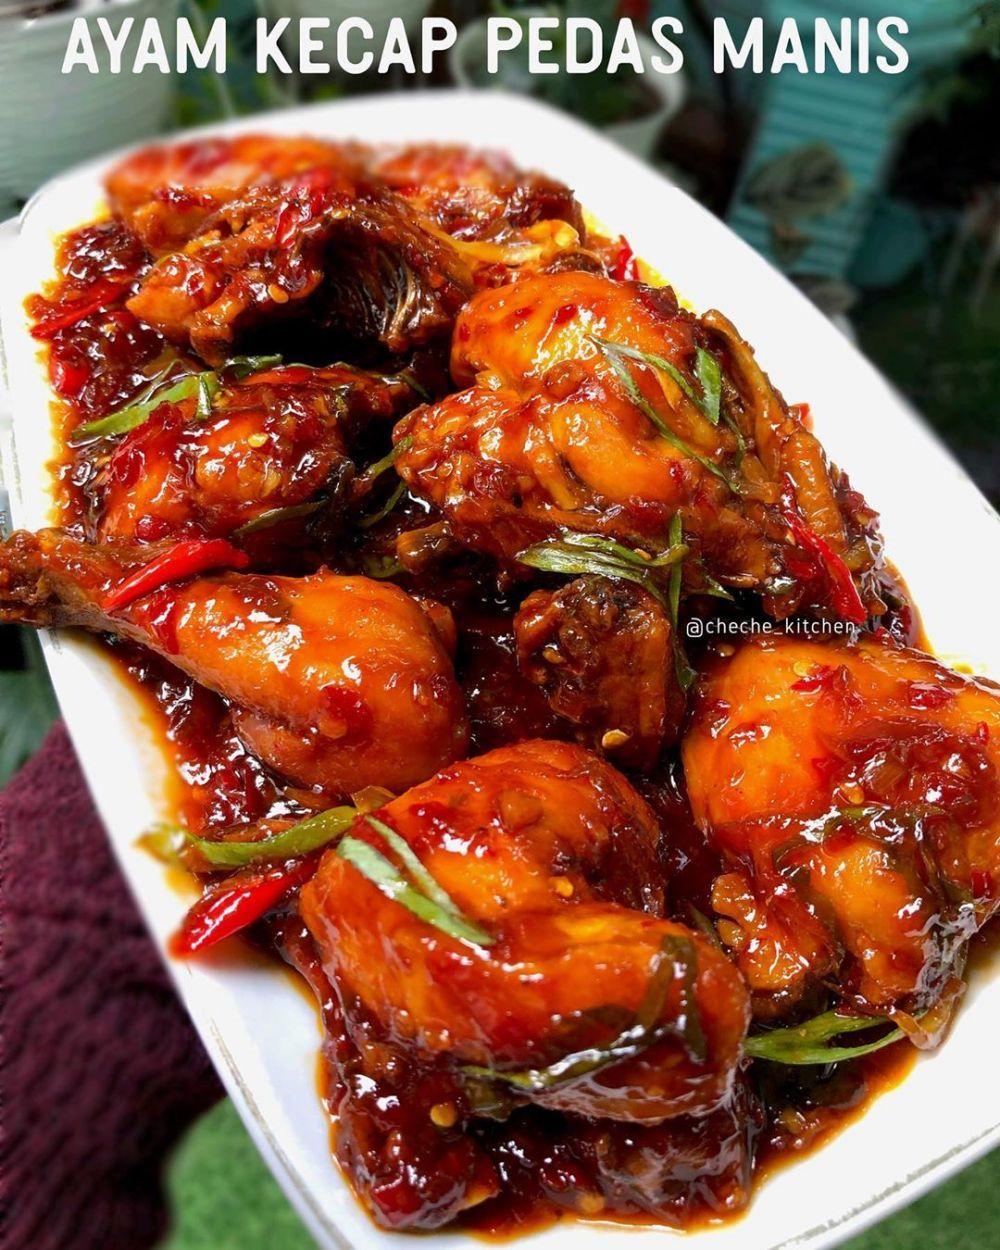 20 Resep Masakan Ayam Paling Enak Instagram Di 2020 Resep Ayam Resep Masakan Masakan